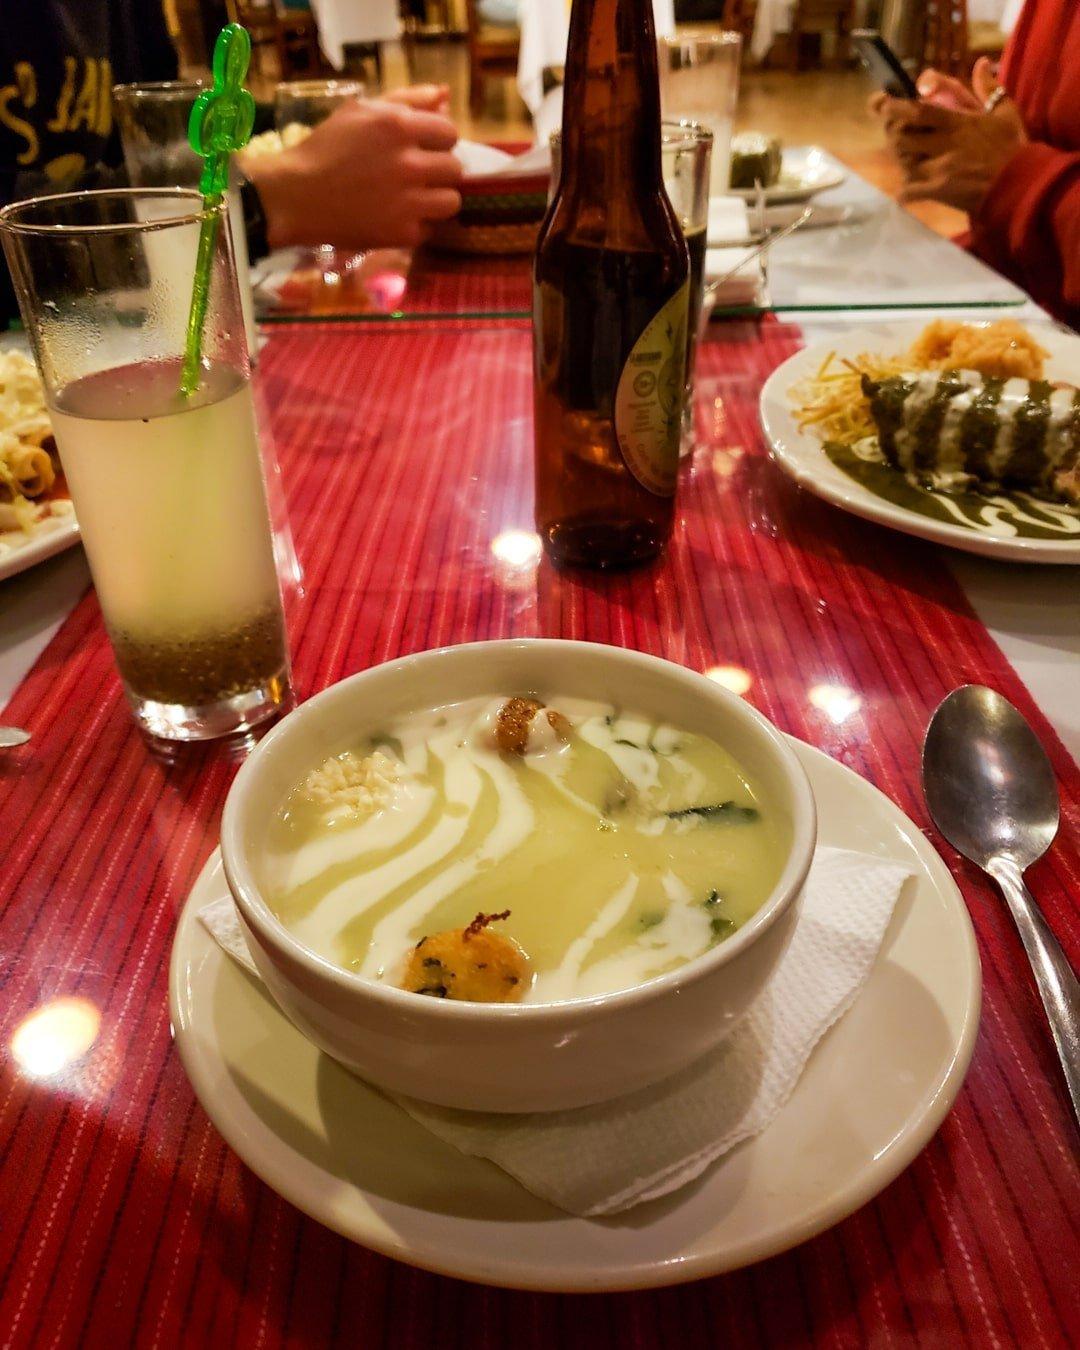 chipilin soup, sopa de chipilin at Las Pichanchas restaurant in San Cristobal de las Casas